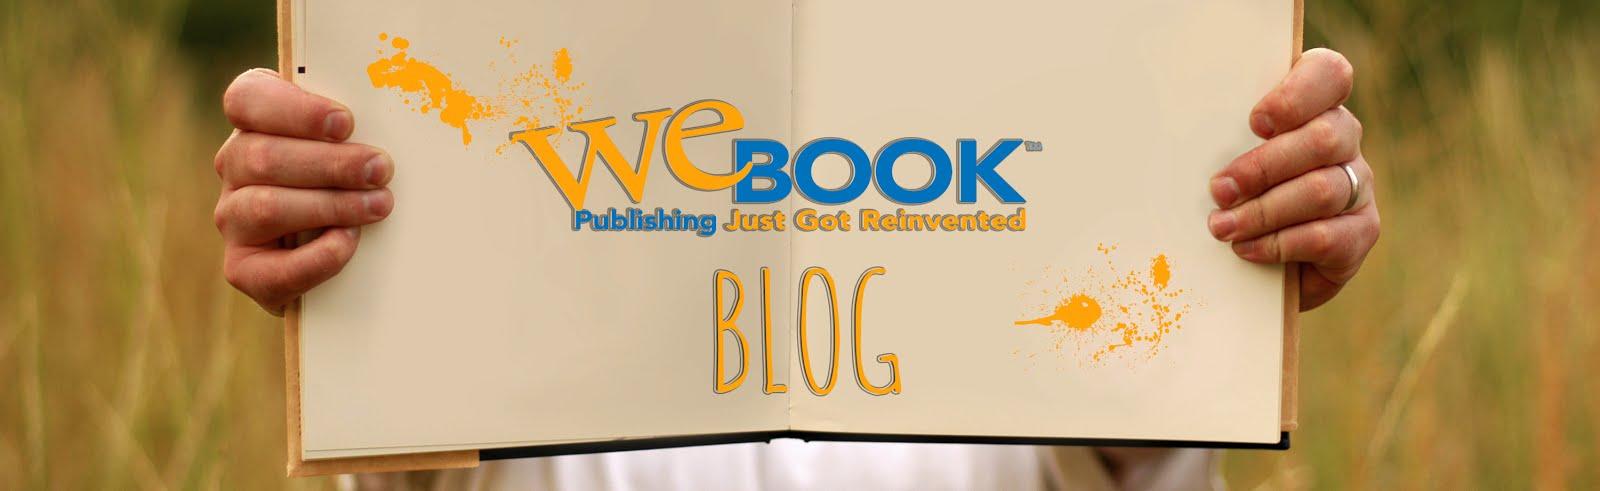 WEbook Blog